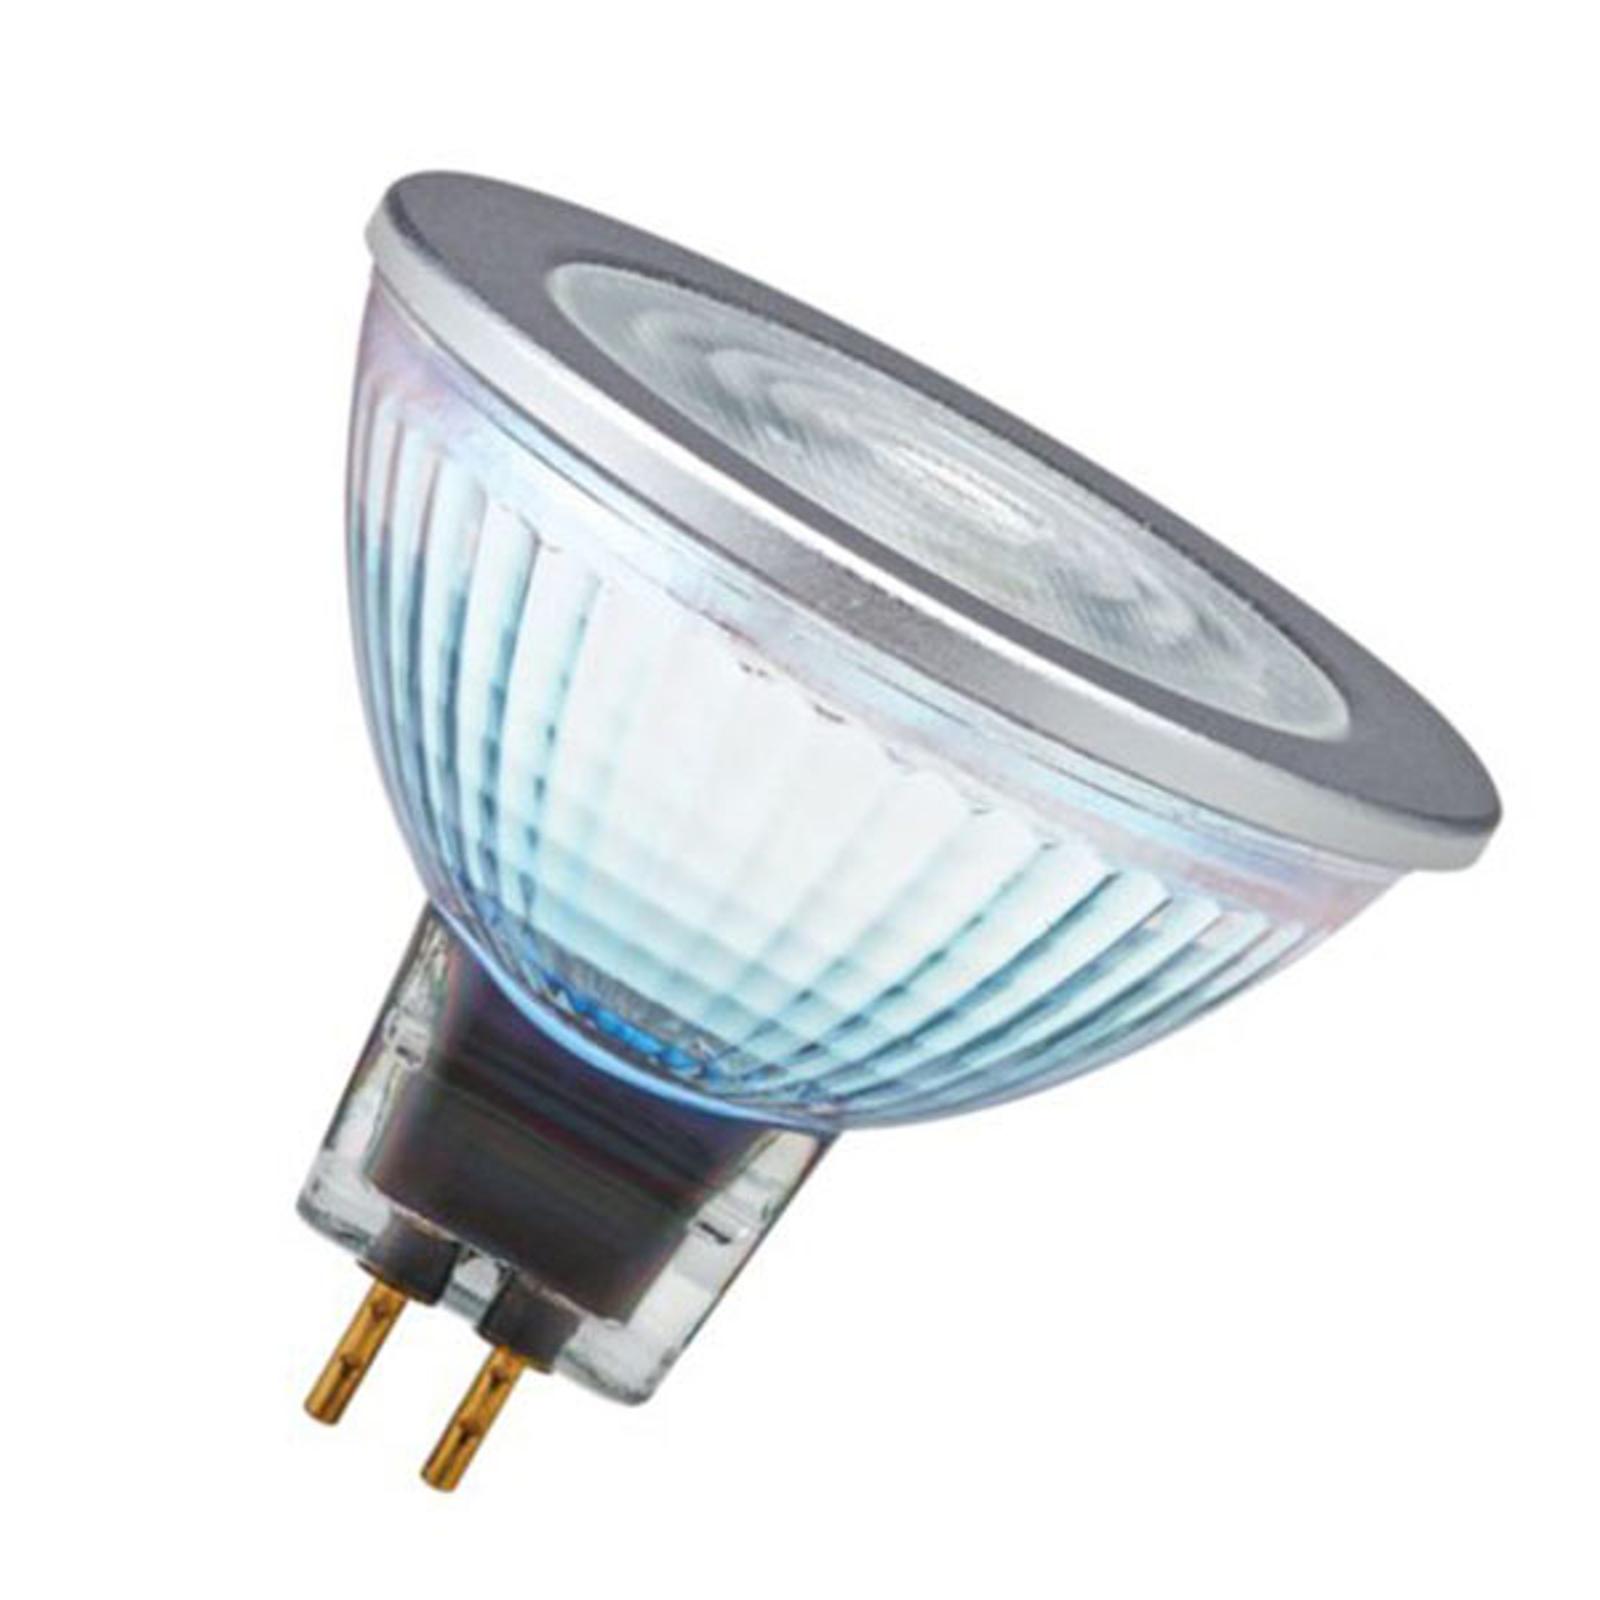 OSRAM LED-Reflektor GU5,3 8W 927 36° dimmbar